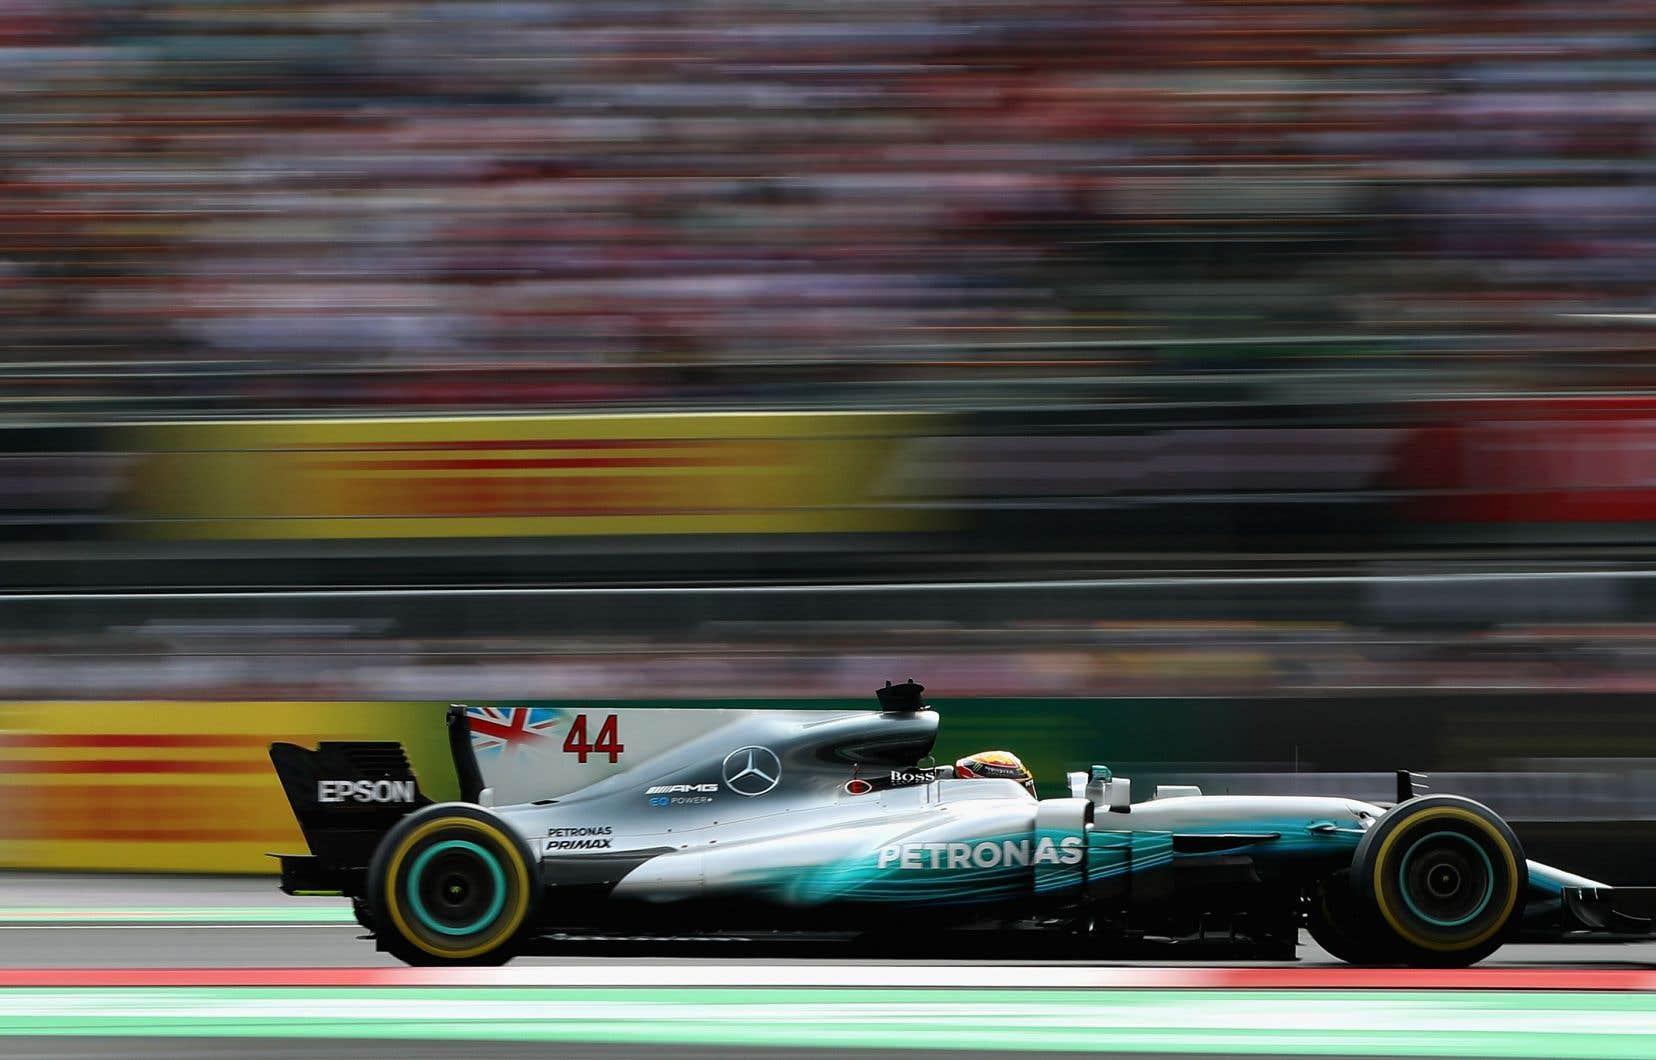 Les amateurs se plaignent que les voitures de F1 ne sont toujours pas assez bruyantes, malgré des efforts importants cette année pour améliorer cet aspect.